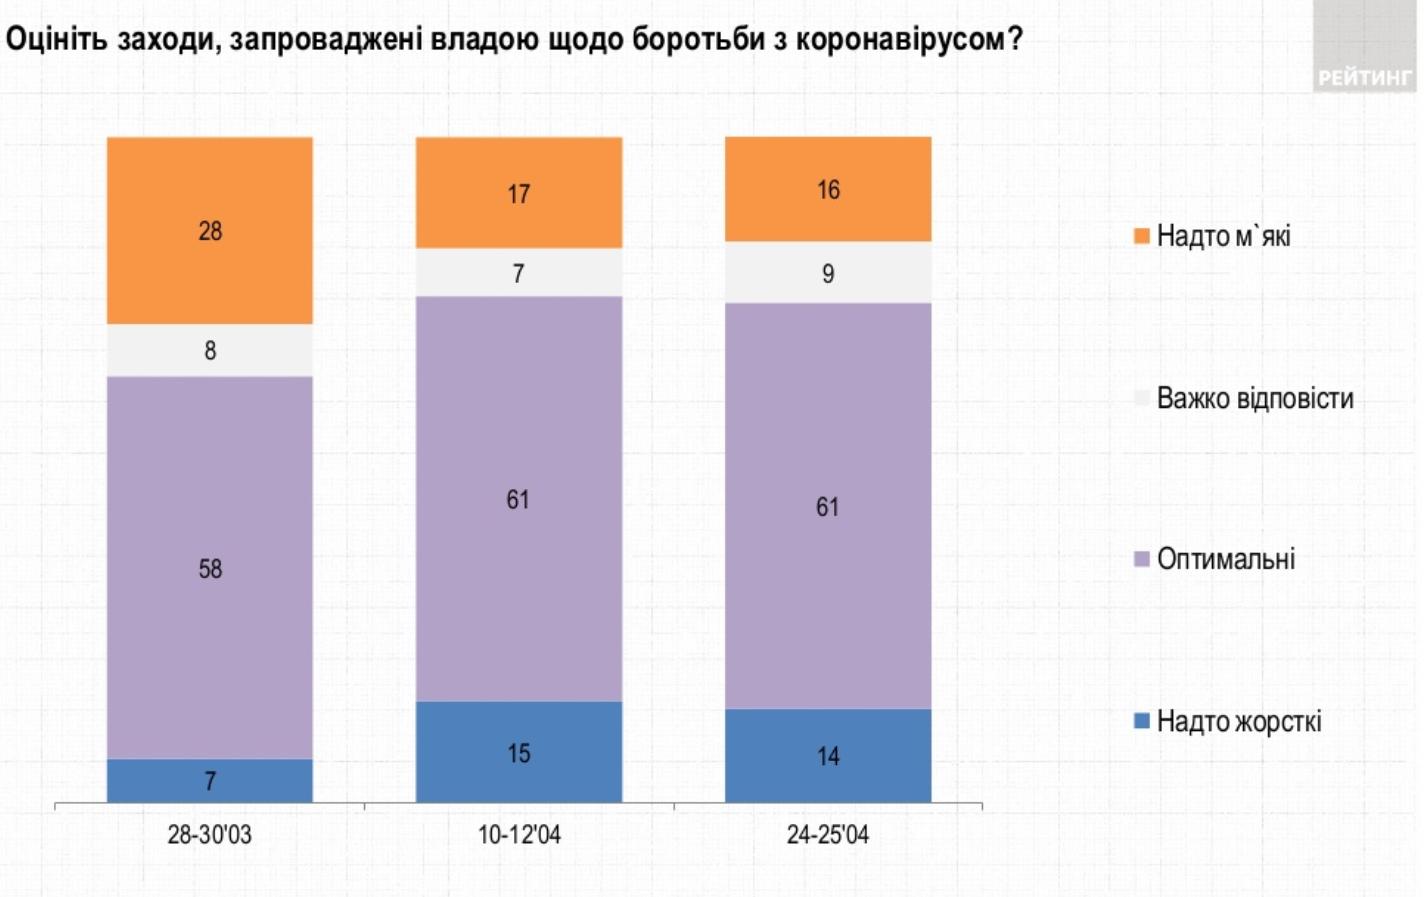 Опрос: Оцените действия властей по борьбе с коронавирусной инфекцией